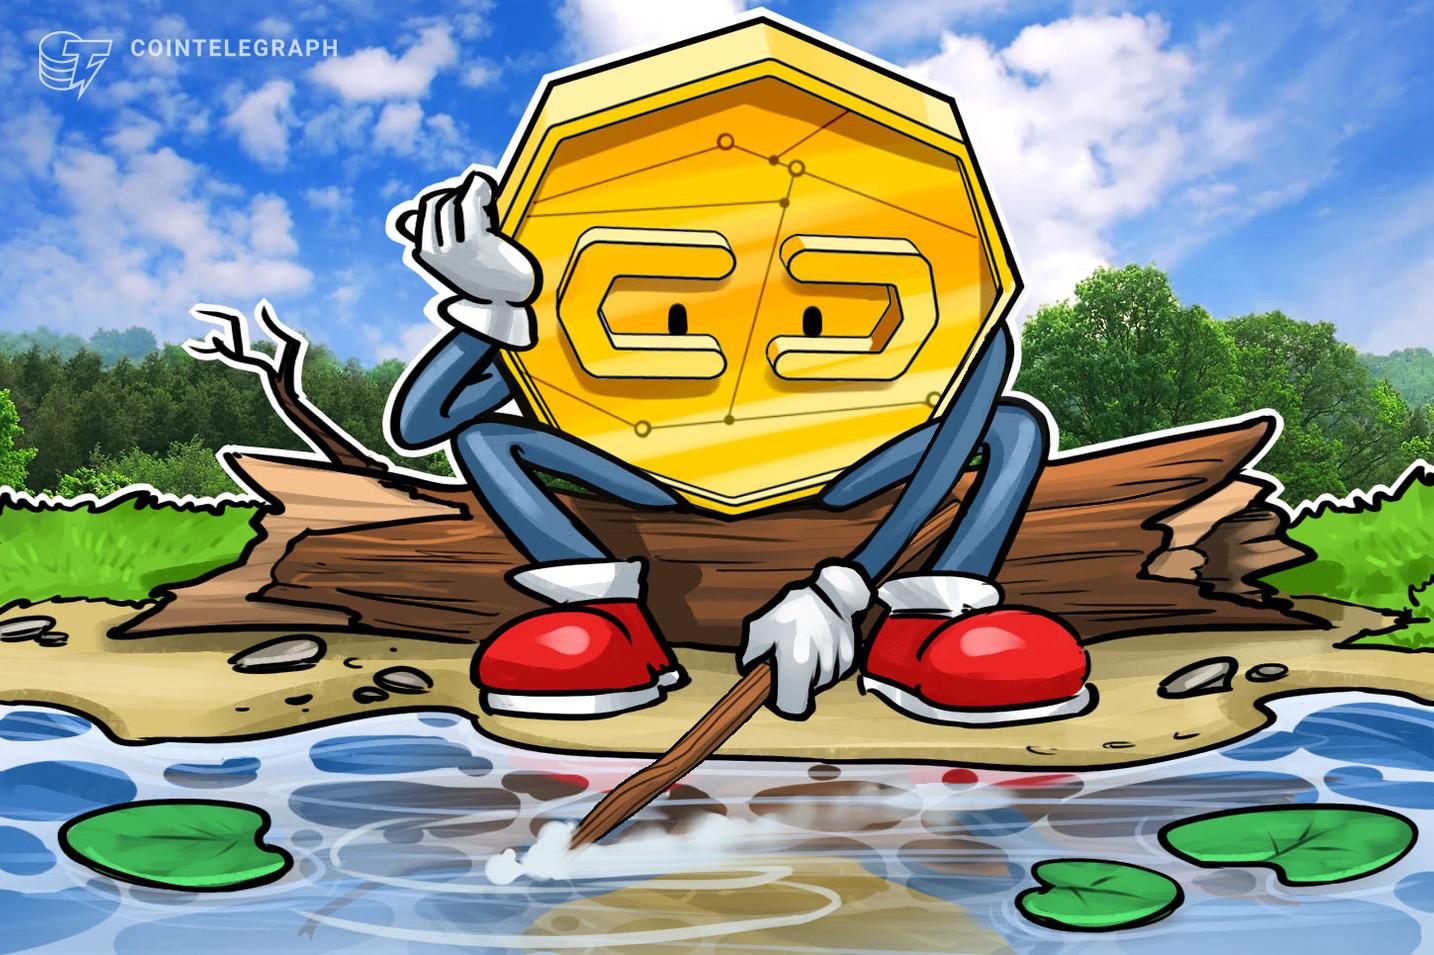 Bull Runs, Mining, and Tor Attacks: Bad Crypto News of the Week